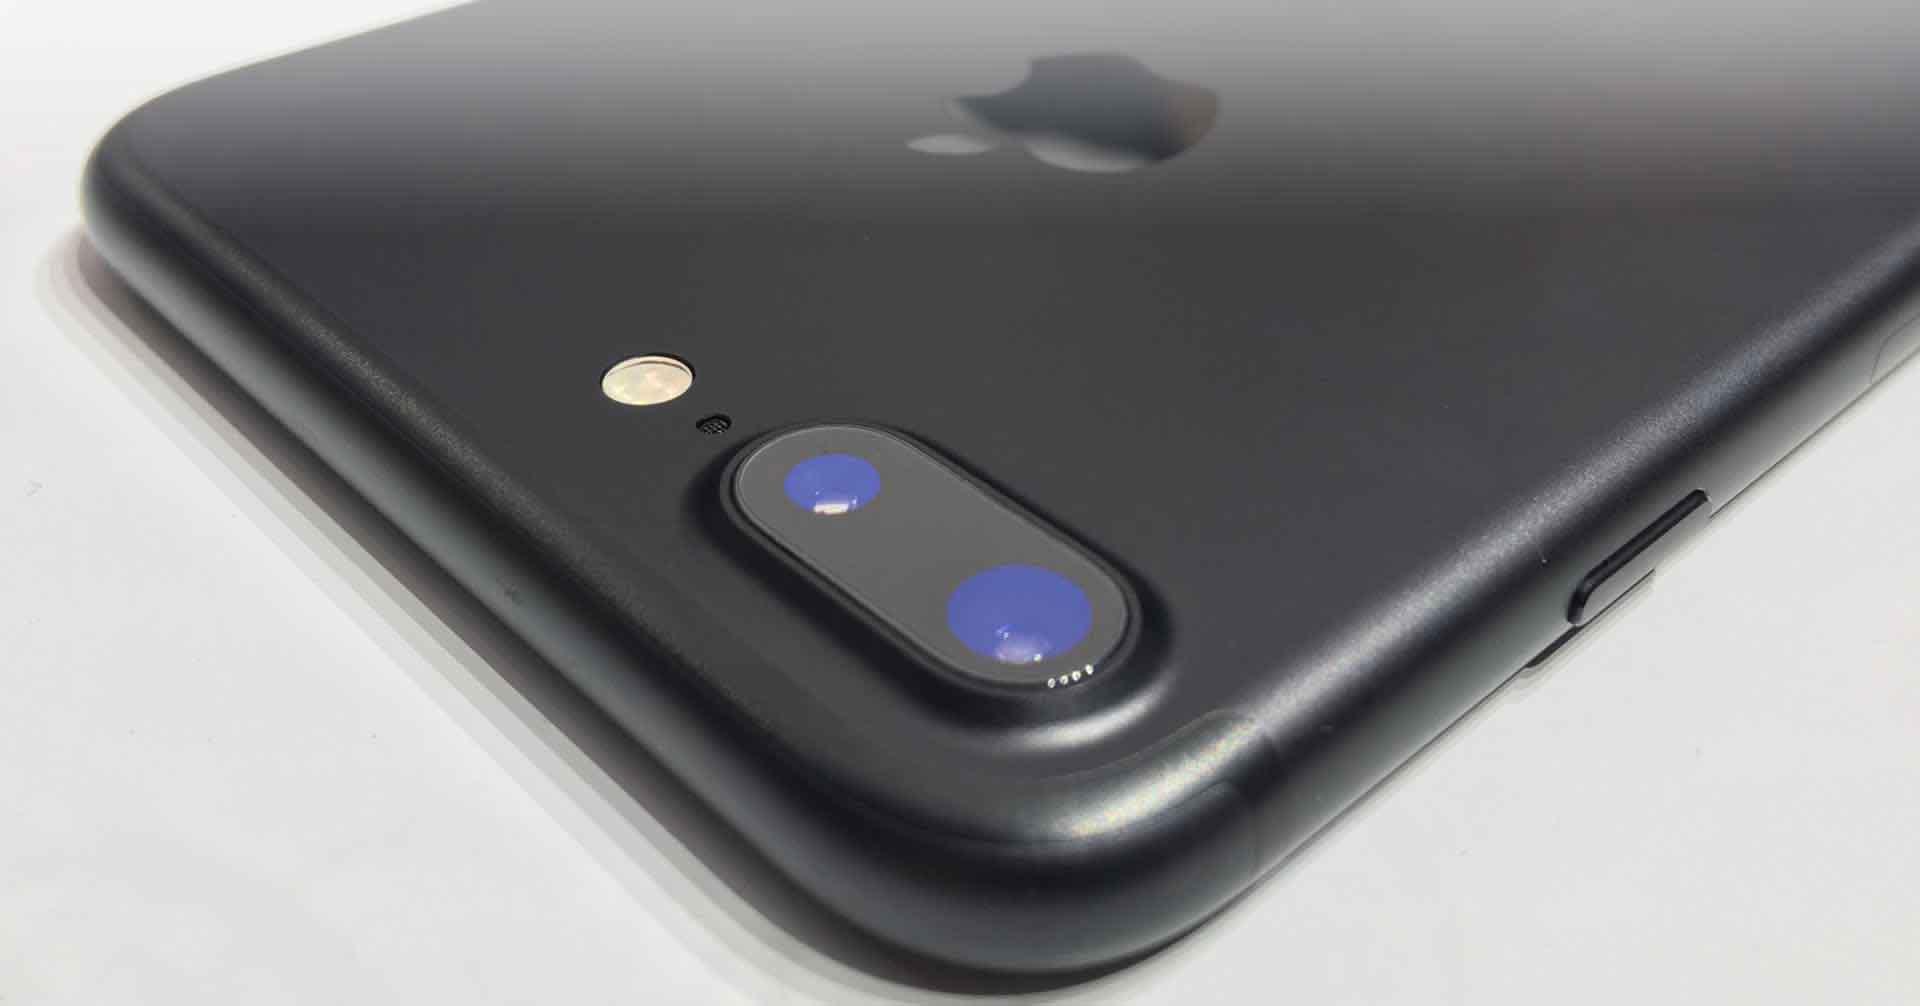 iPhone szerviz kérdések